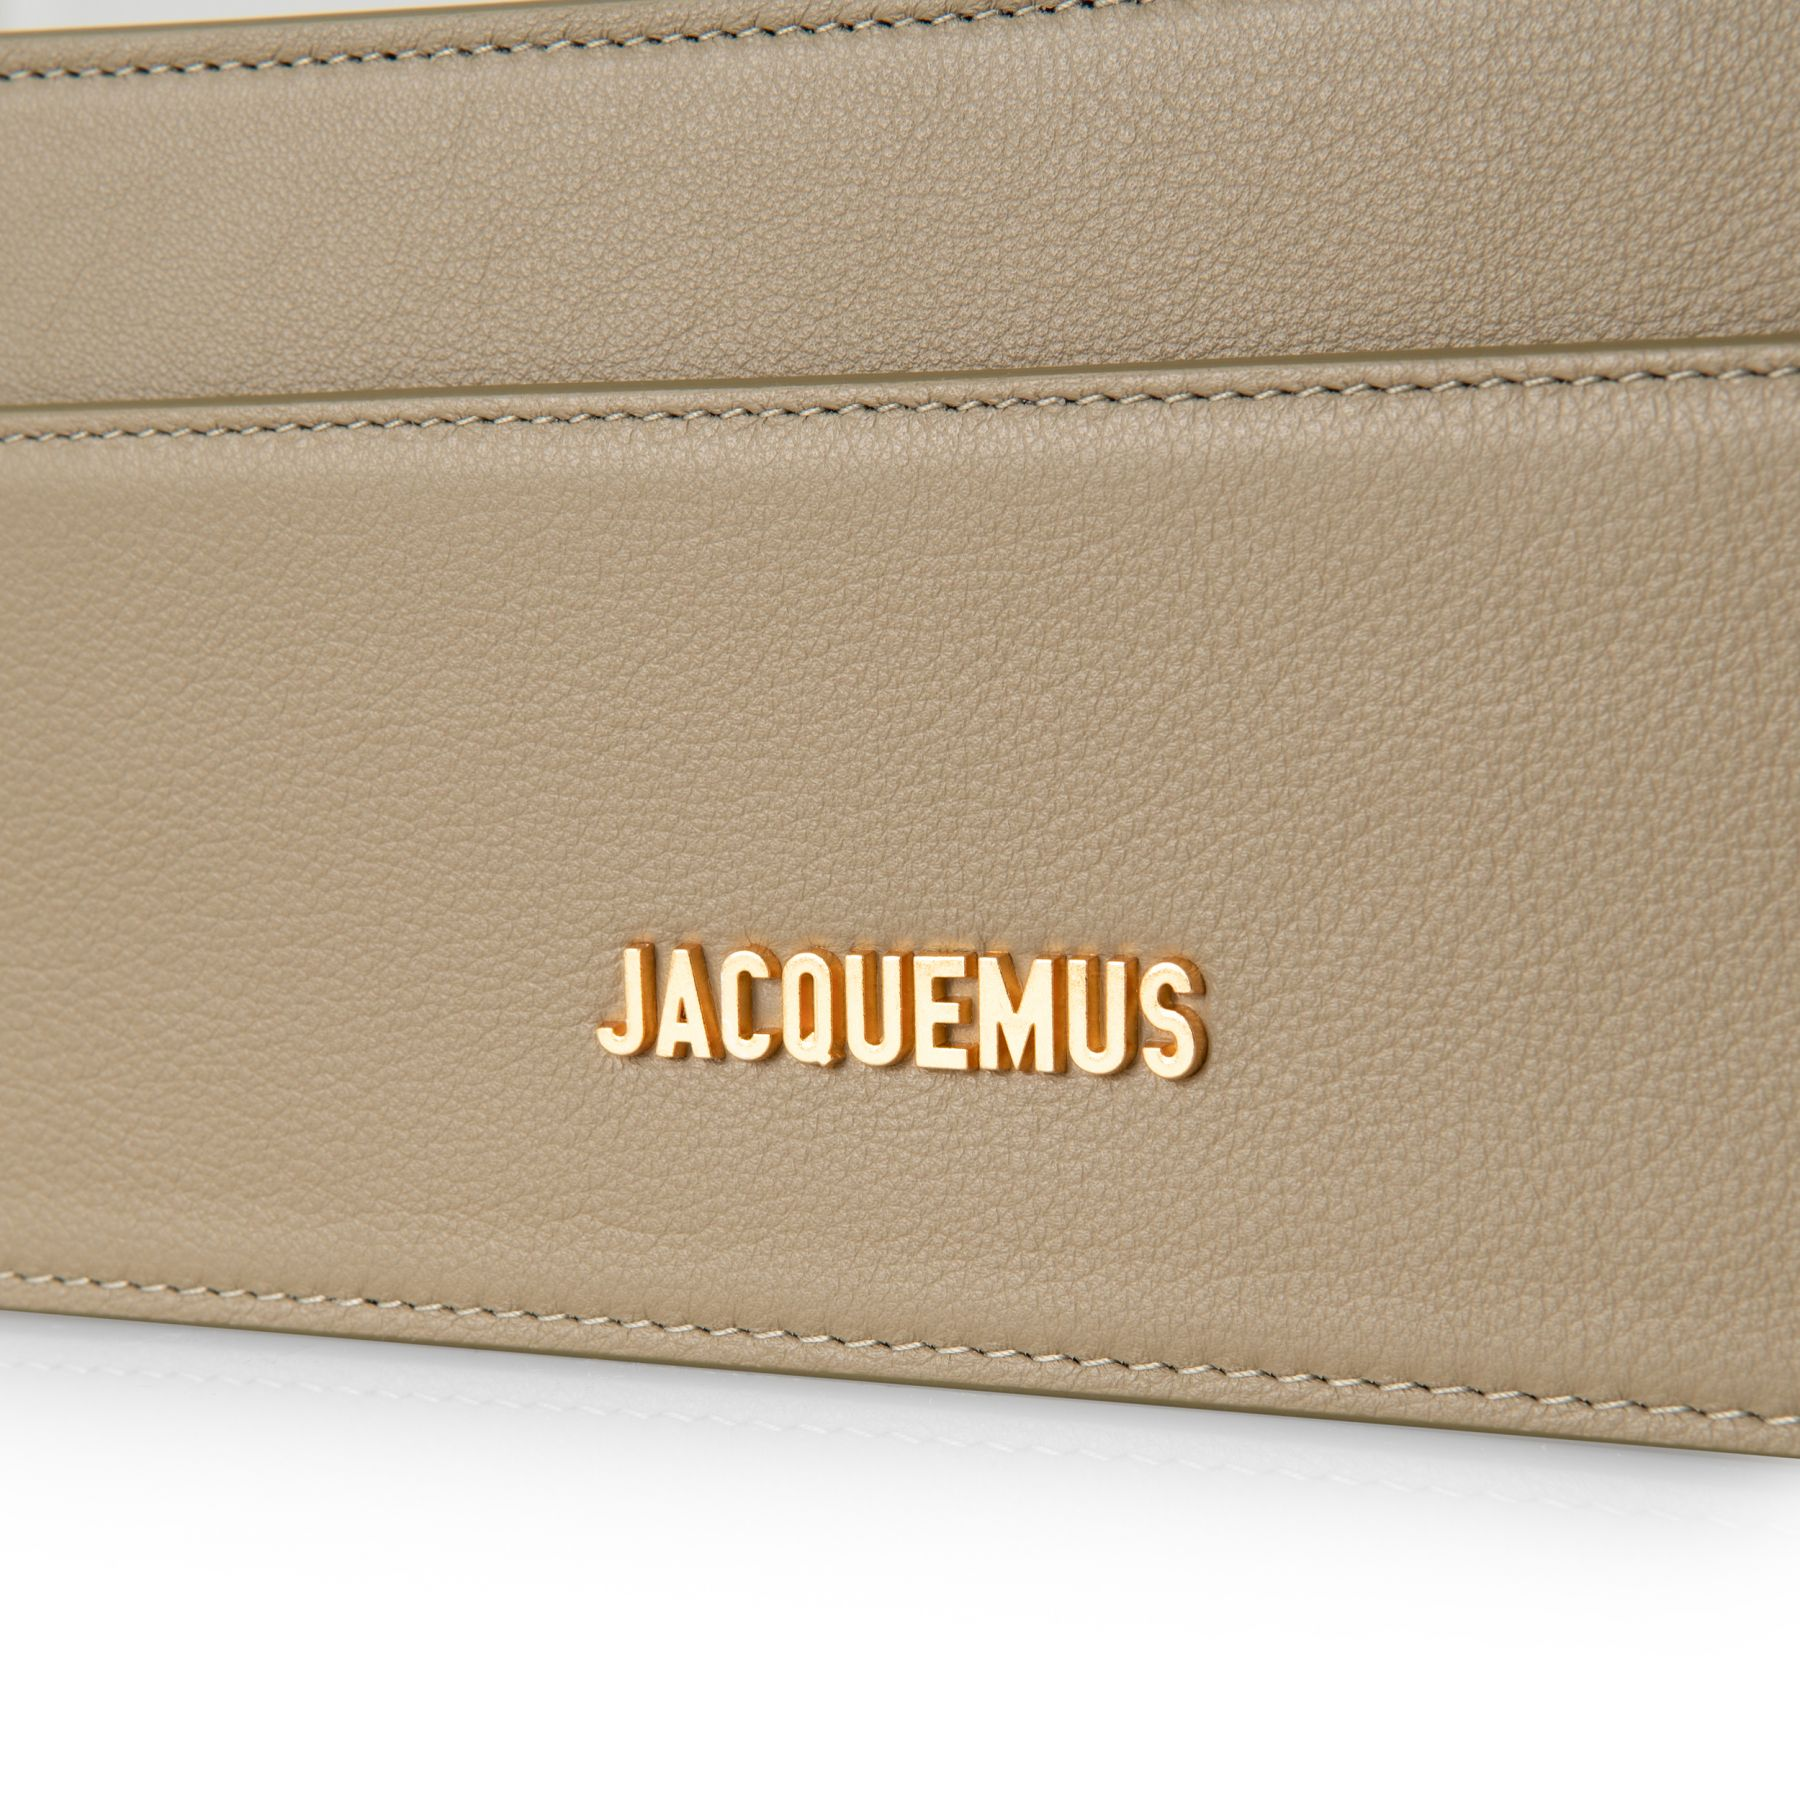 Сумка Jacquemus Le sac Ciuciu оливковая